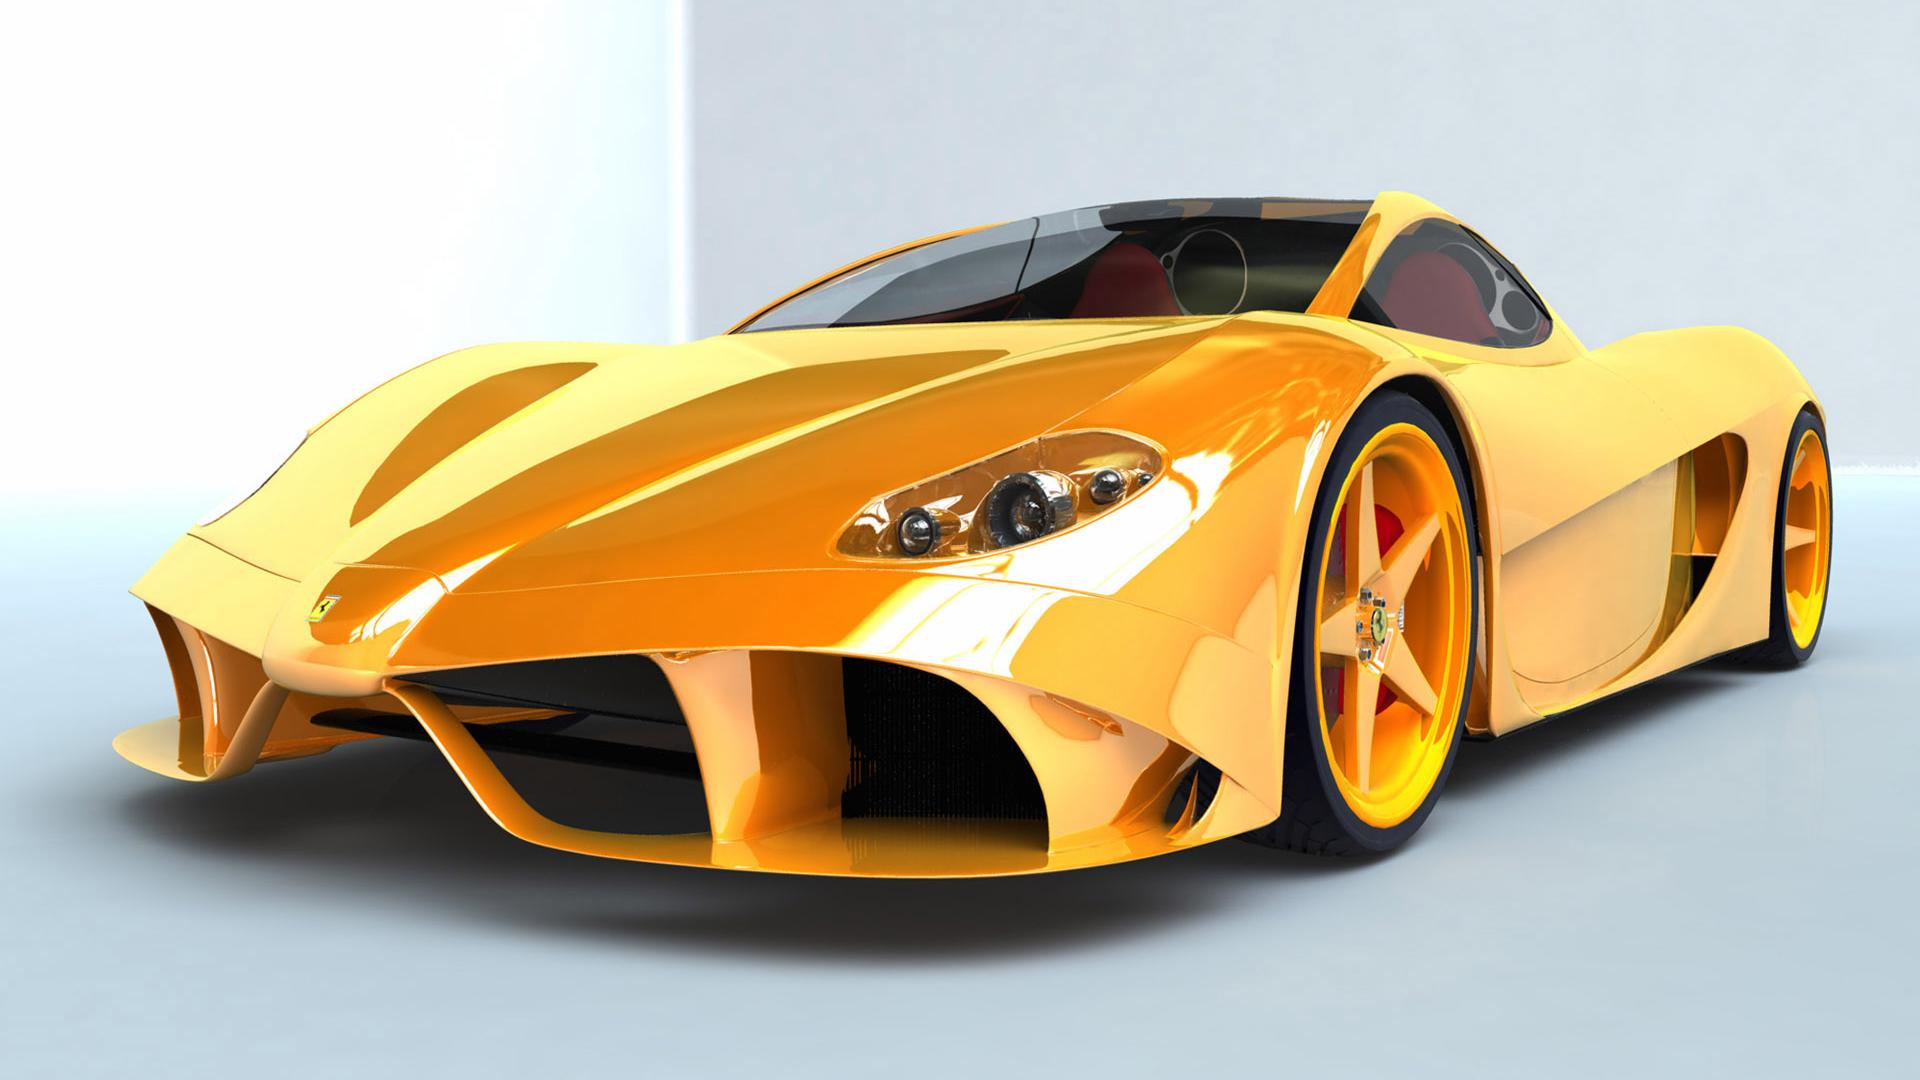 Ferrari Car Wallpaper Images Car Wallpapers Yellow Ferrari Car Humor